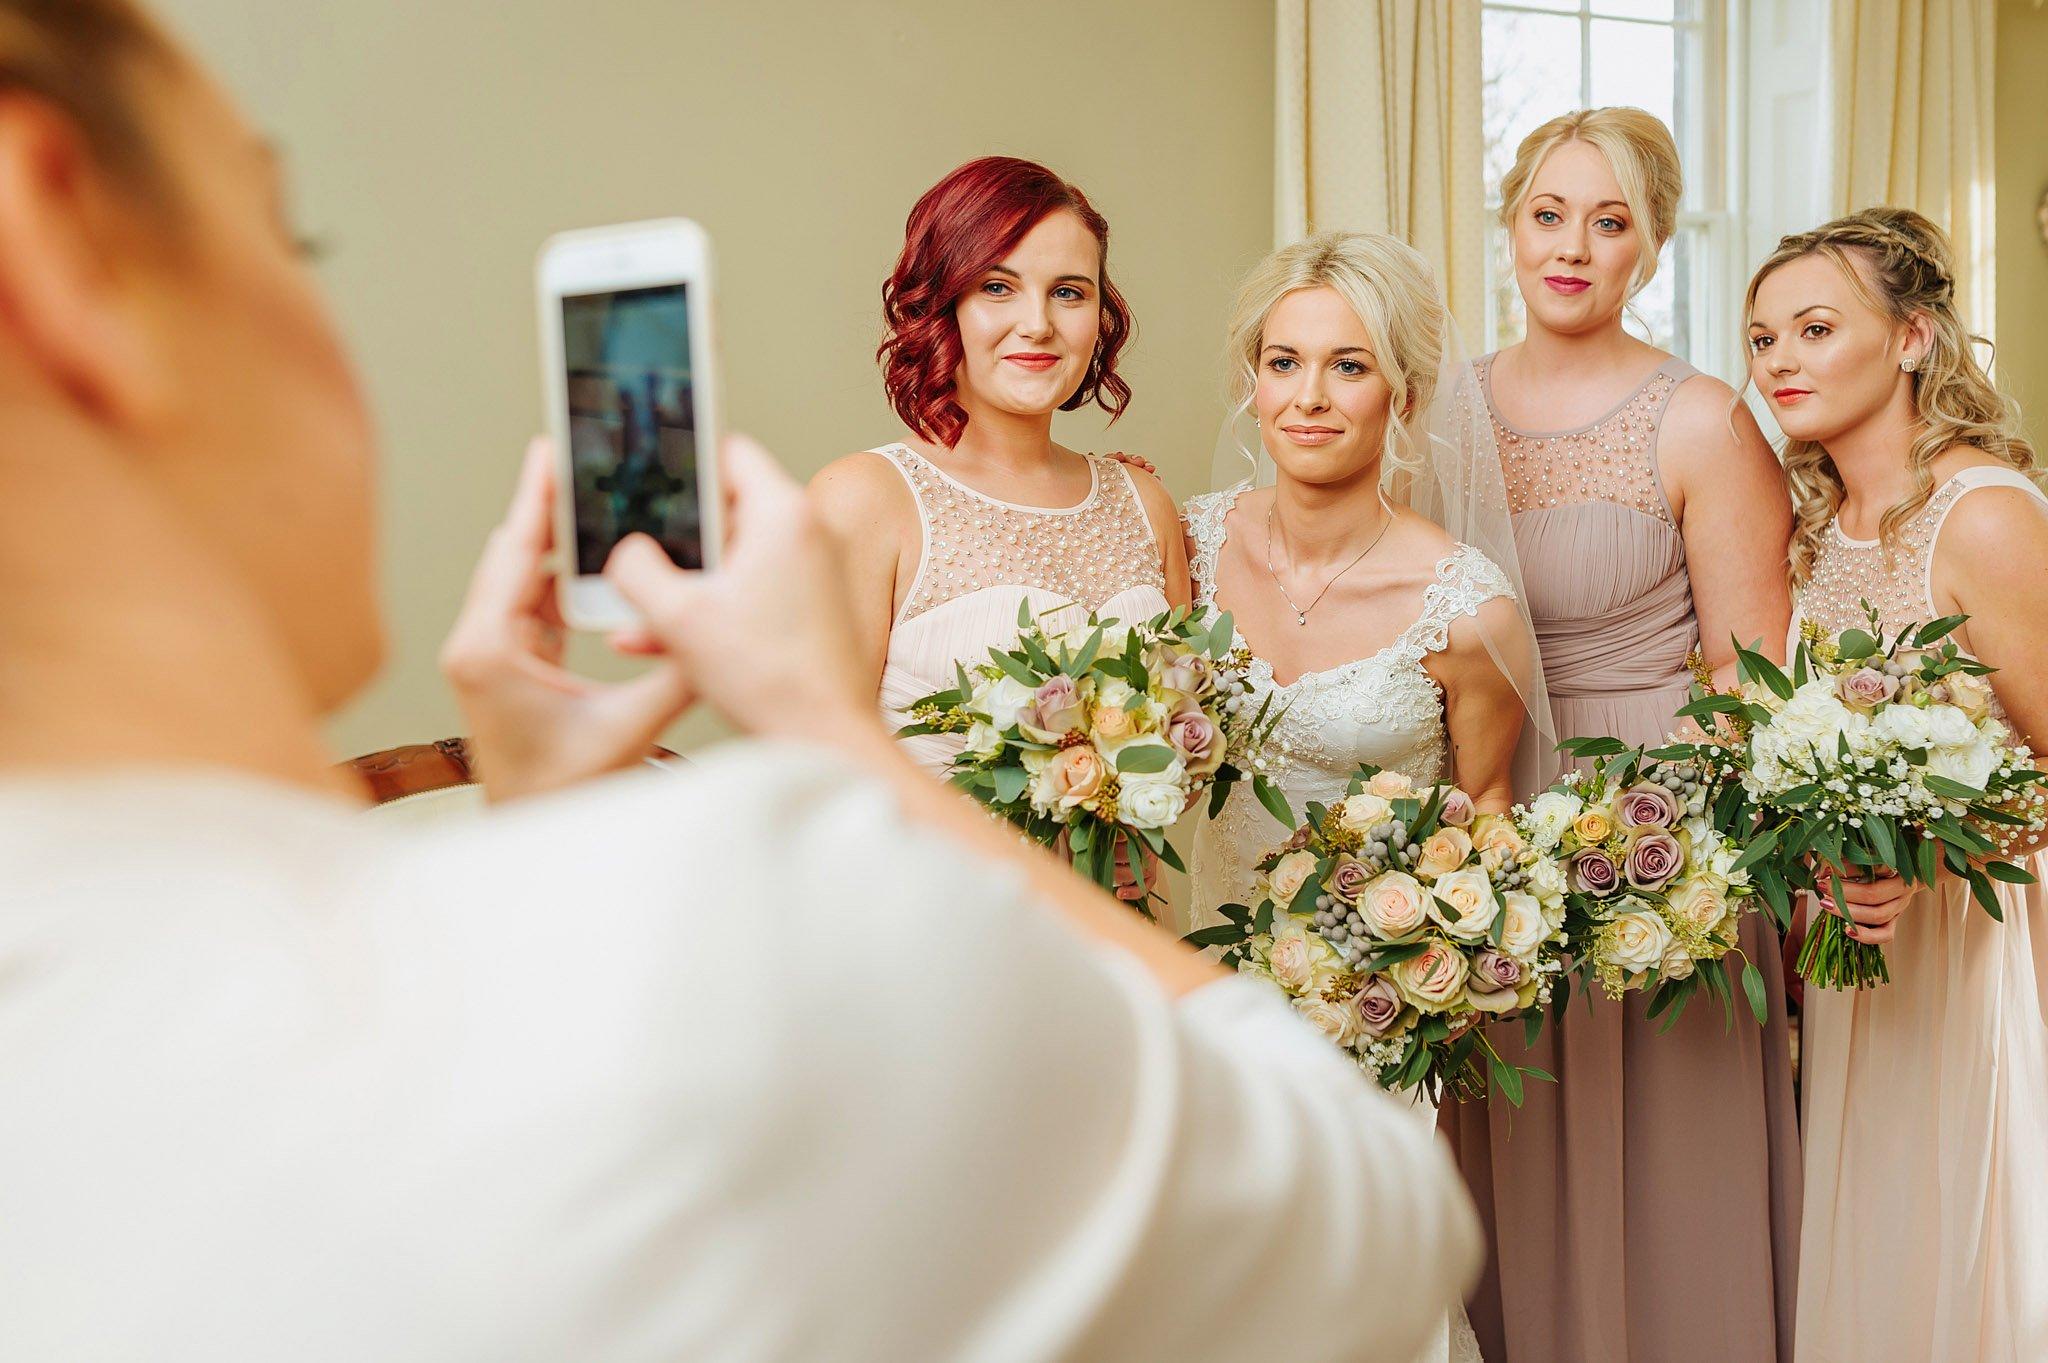 Lemore Manor wedding, Herefordshire - West Midlands | Sadie + Ken 27